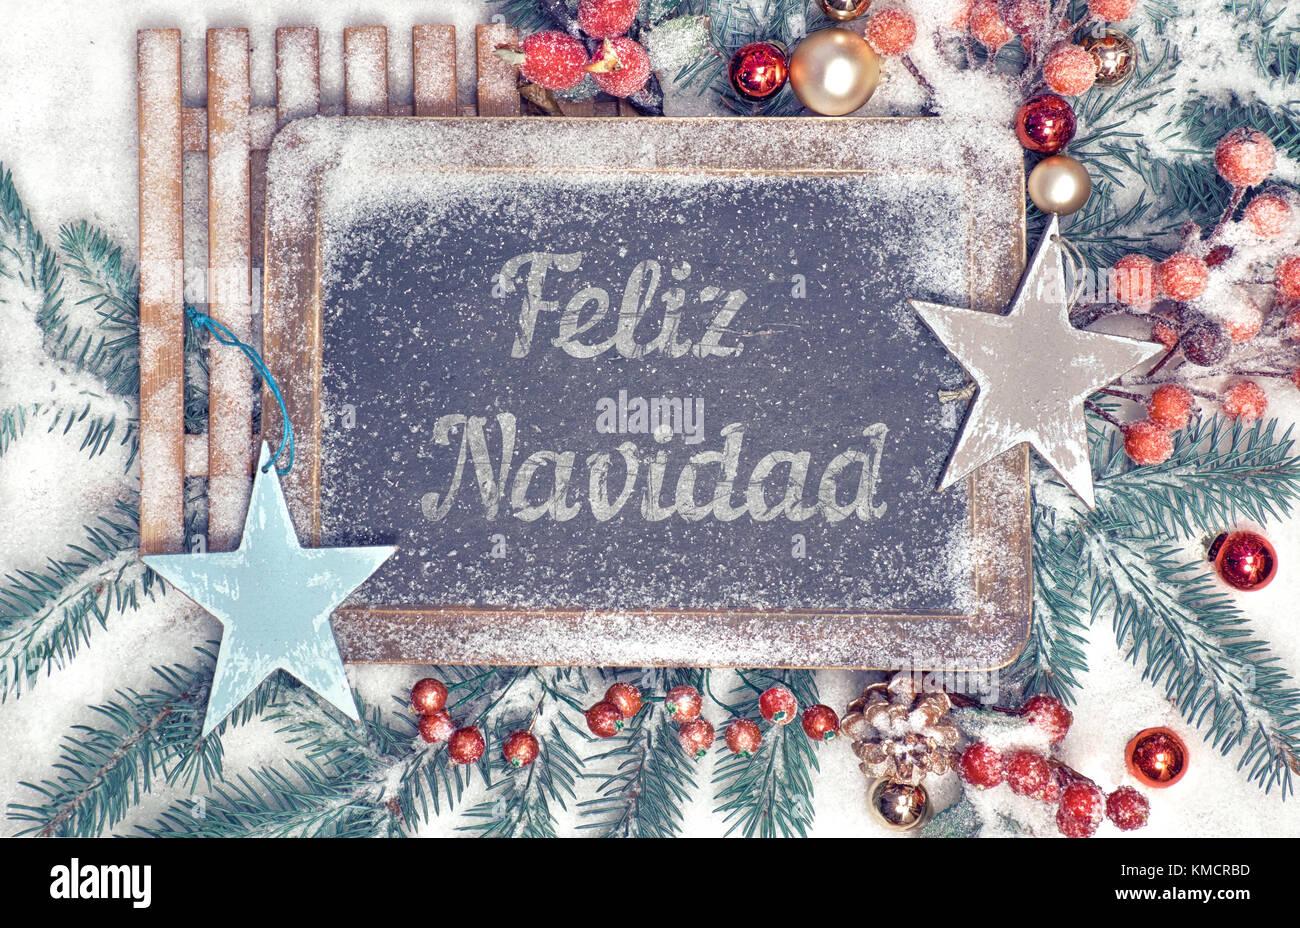 """Pizarra decorada con el texto """"Feliz Navidad"""", o """"Merry Christmas"""" en español Imagen De Stock"""